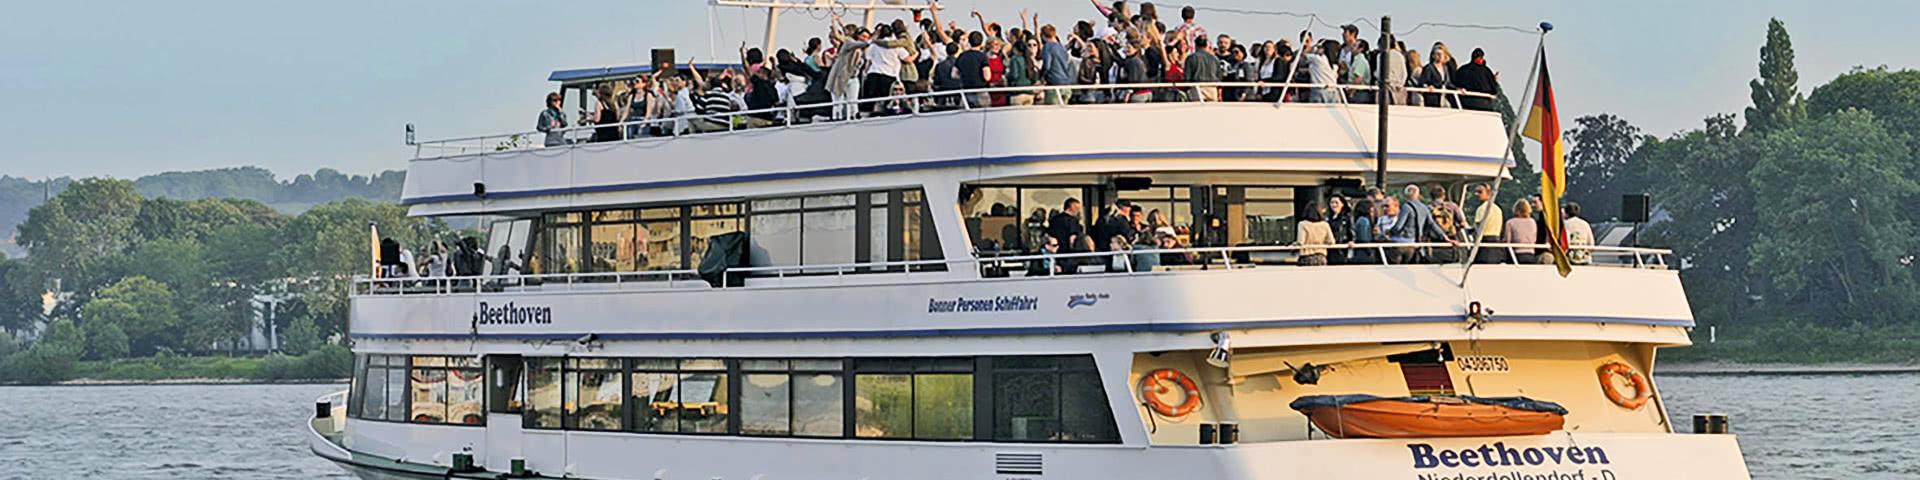 Schifffahrt auf dem Rhein bei Neuwied